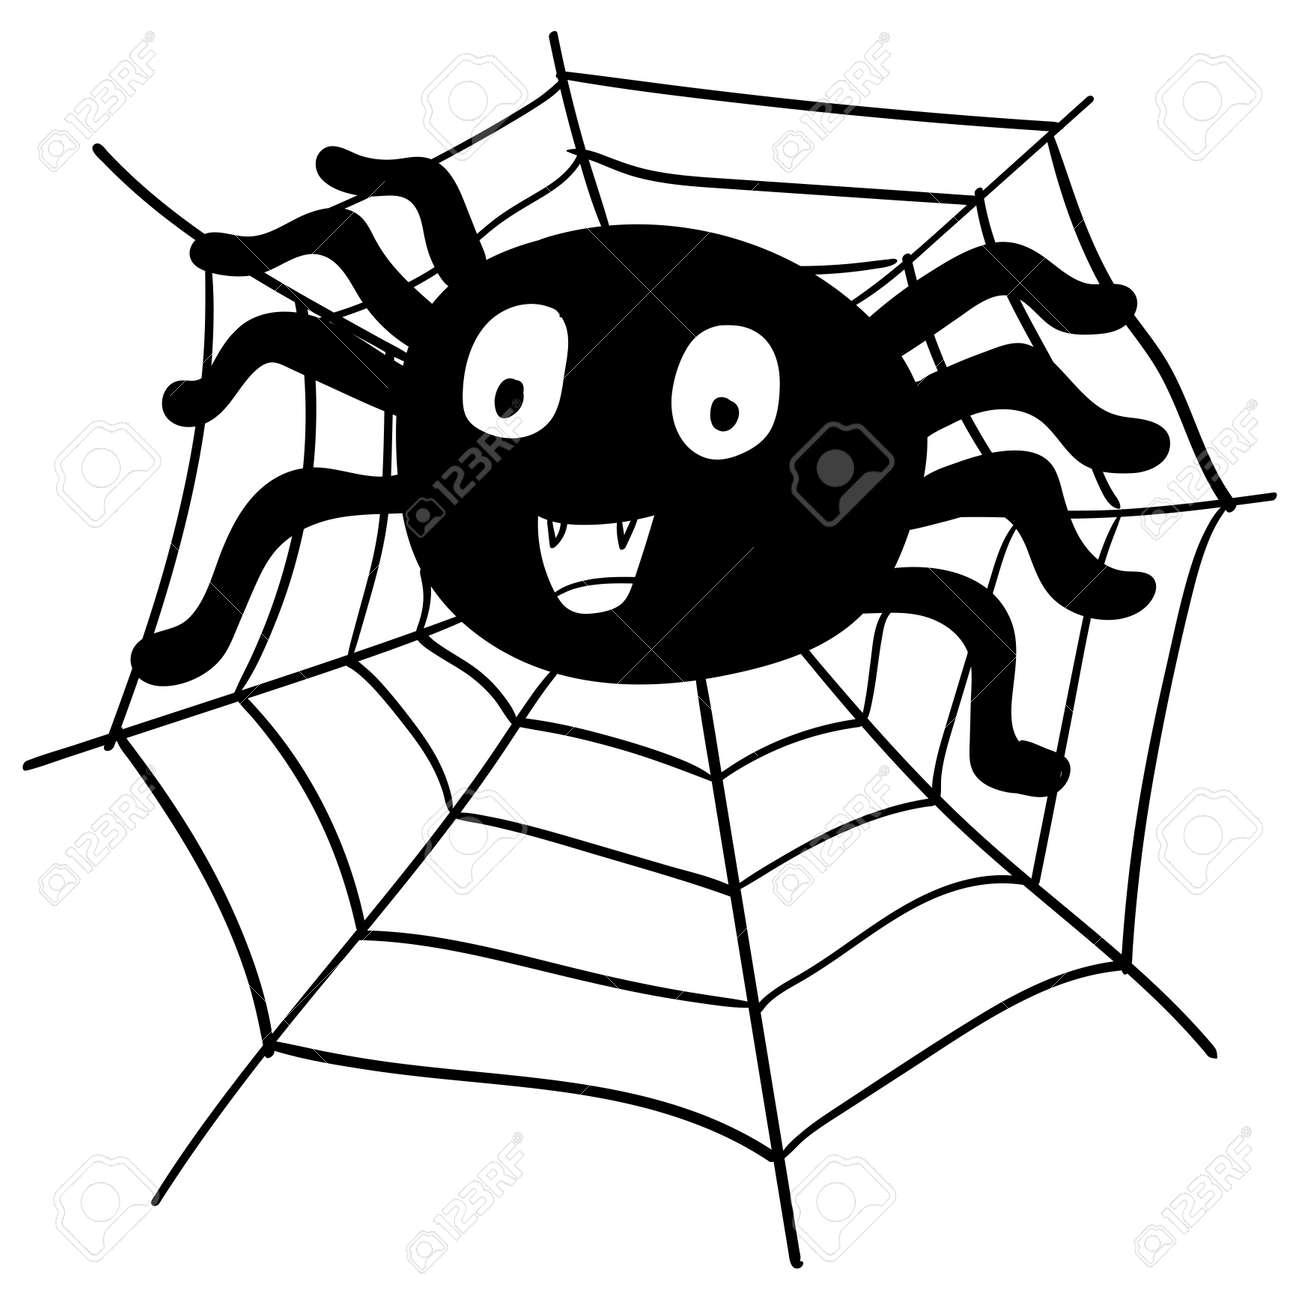 Main Dessin Toile D Araignée Et Web Pour Le Concept De Halloween Isolé Sur Fond Blanc Vector Illustration